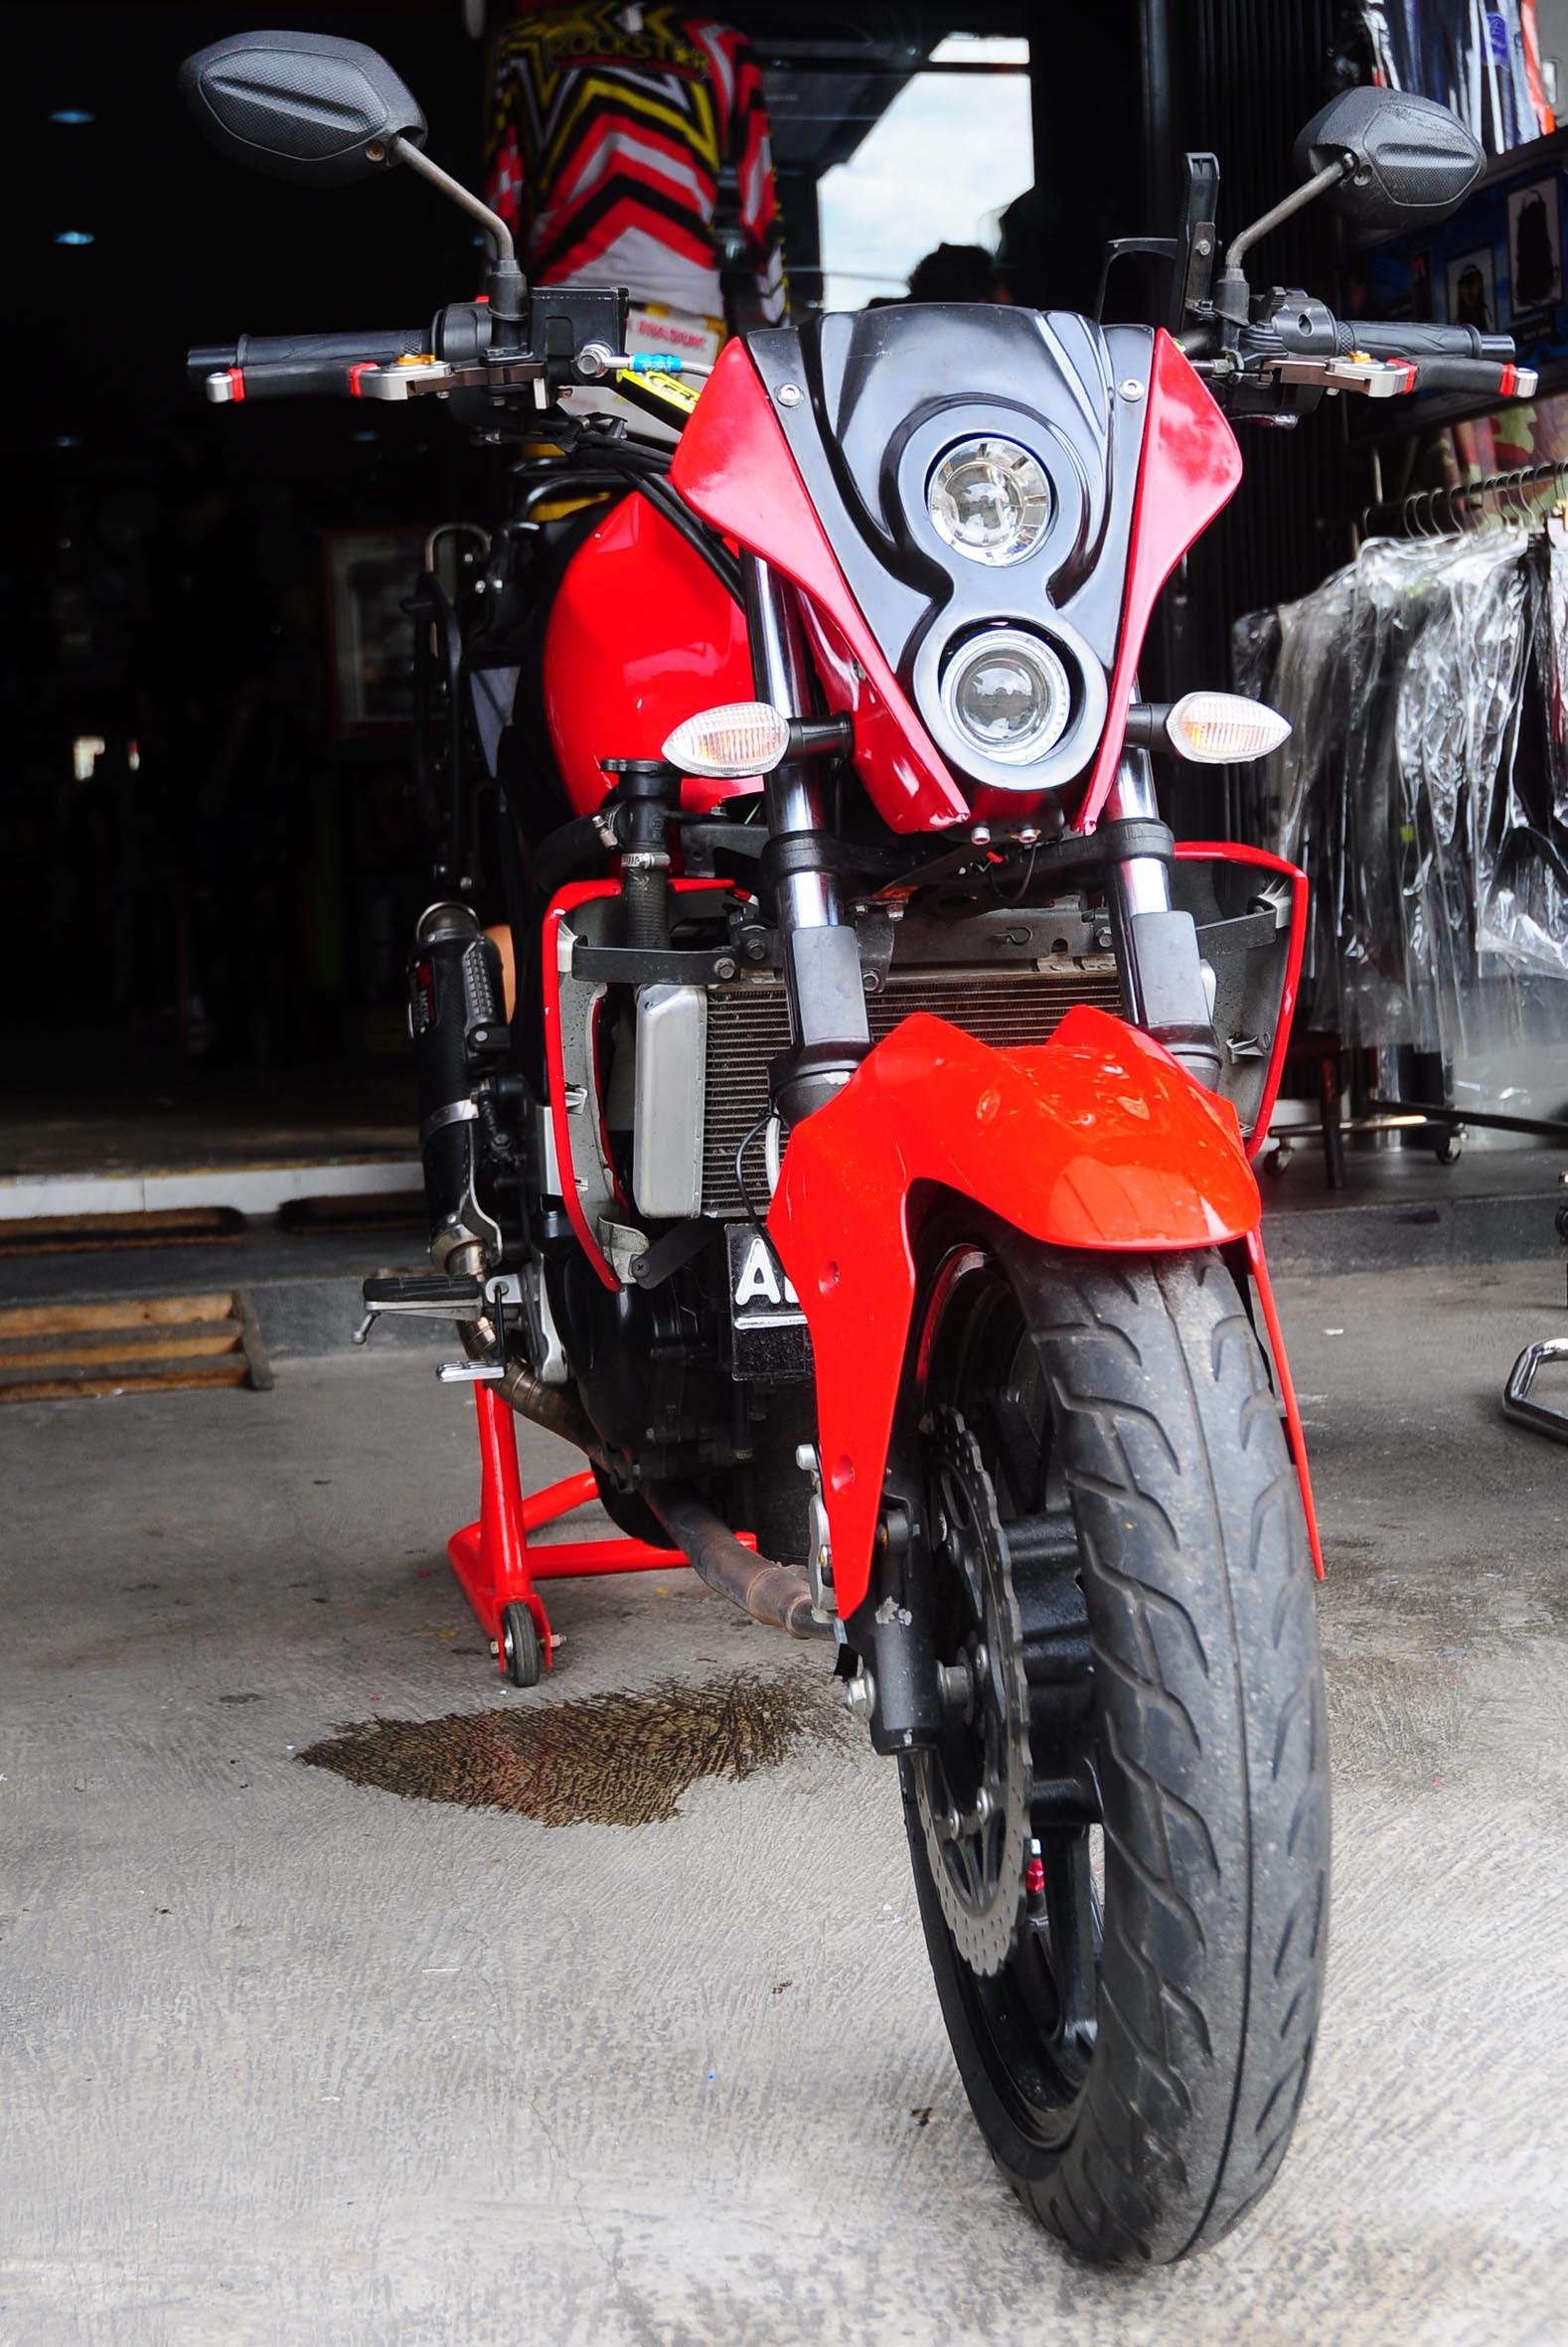 Kumpulan Gambar Modifikasi Motor Bison Menjadi Ninja Modifikasi Motor